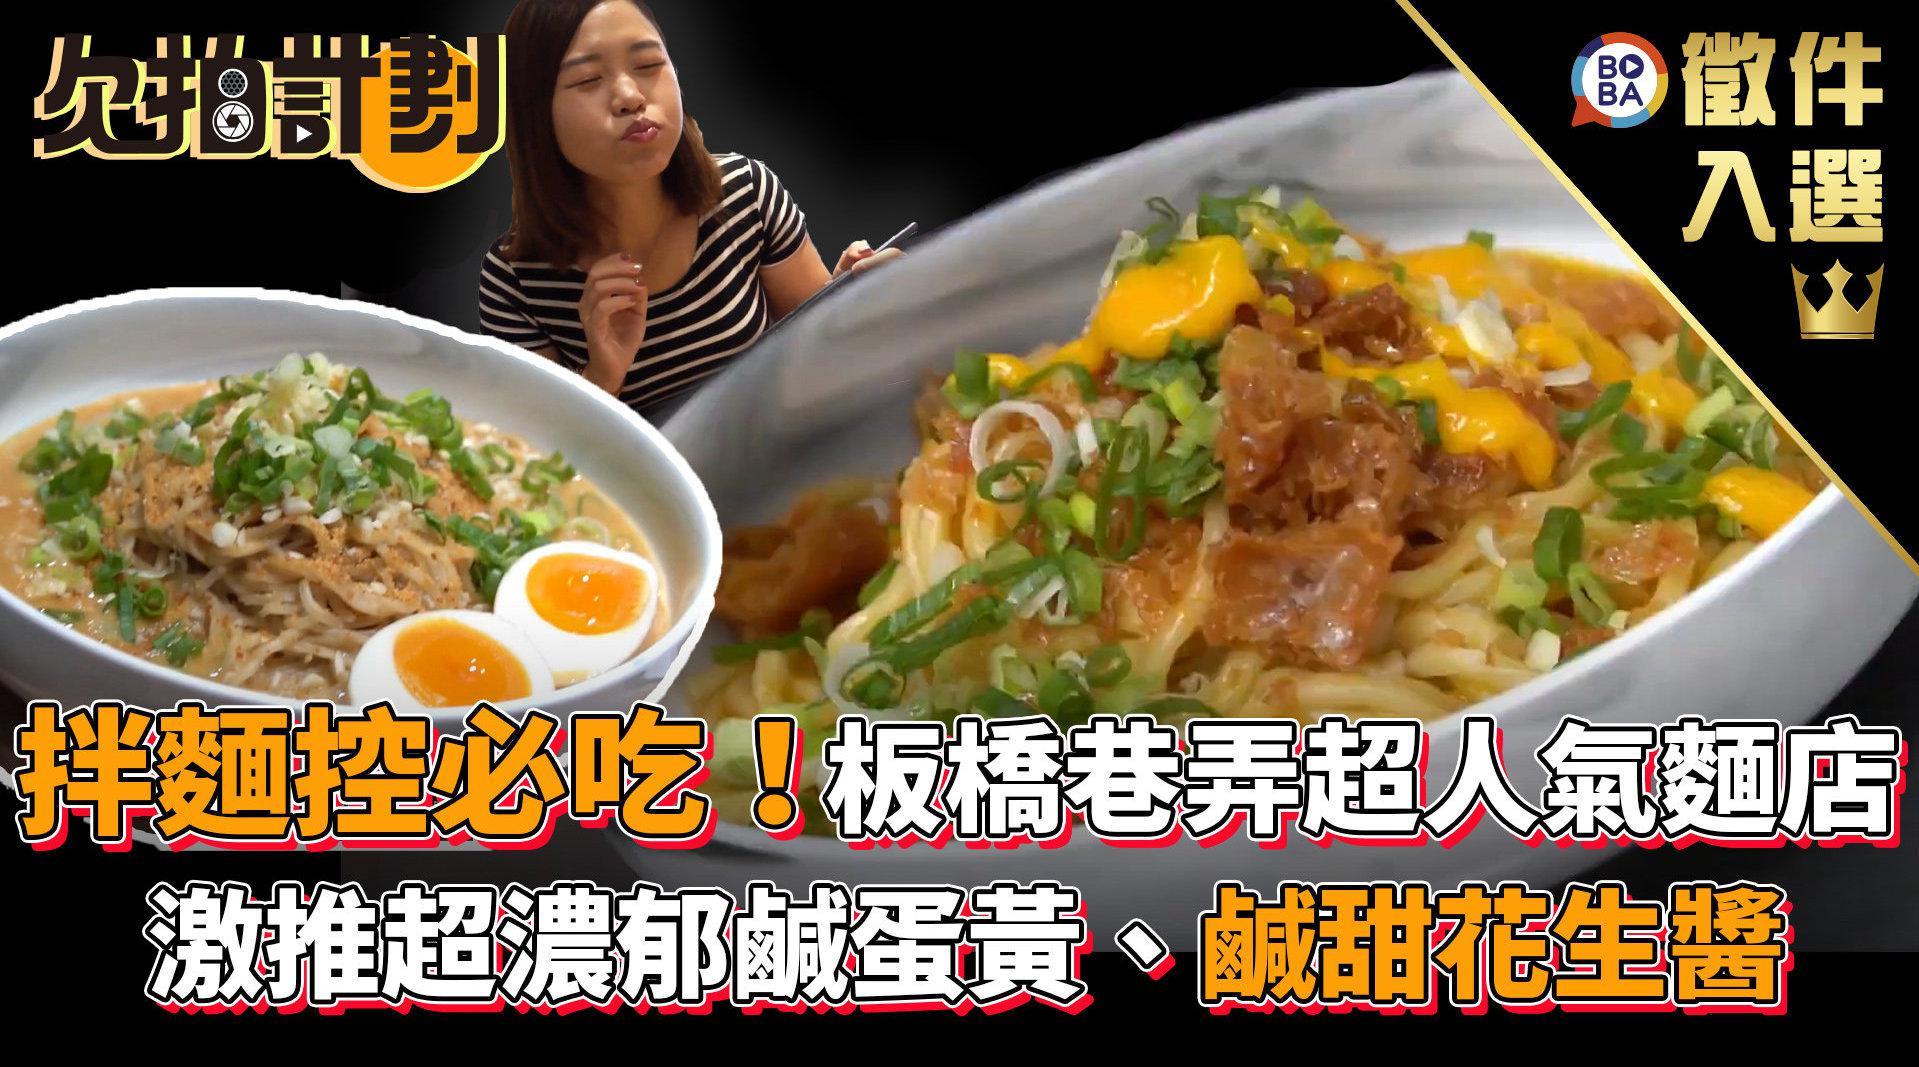 拌面控必吃!板桥巷弄超人气面店,激推超浓郁咸蛋黄、咸甜花生酱